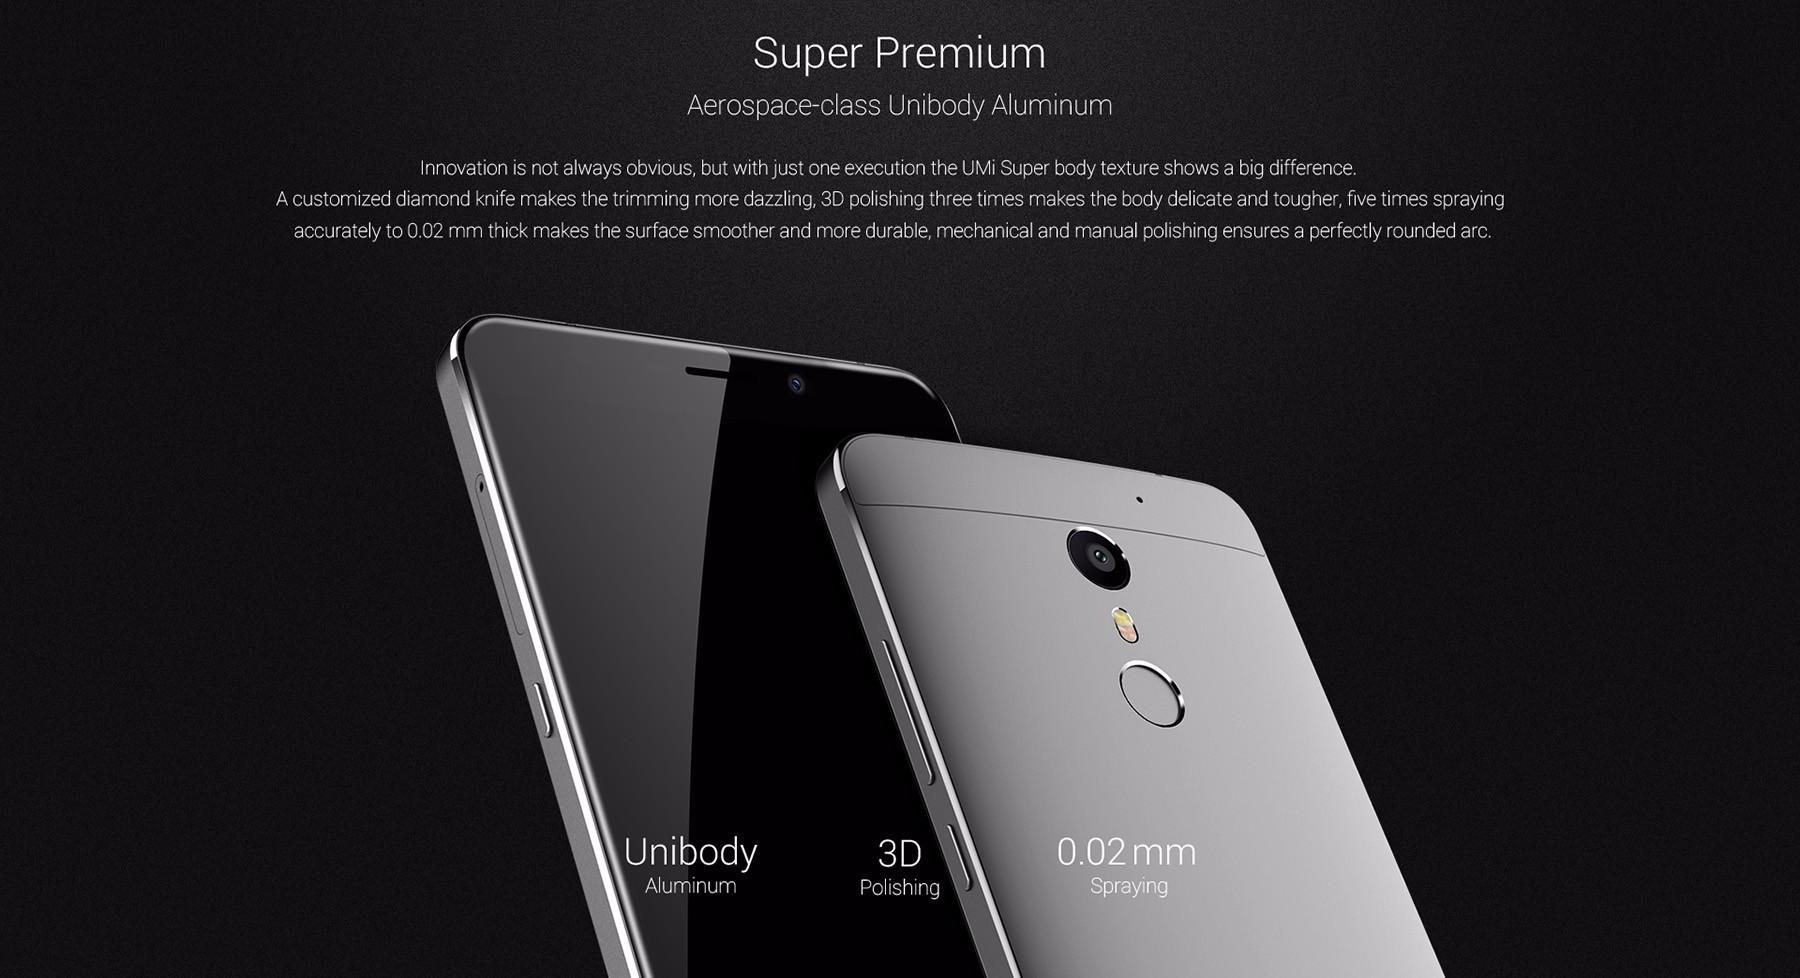 UMI Super Antutu, Benchmarks Geekbench, China Smartphone Test, Preisvergleich, günstig Smartphone ohne Vertrag, Angebot, Sonderangebot